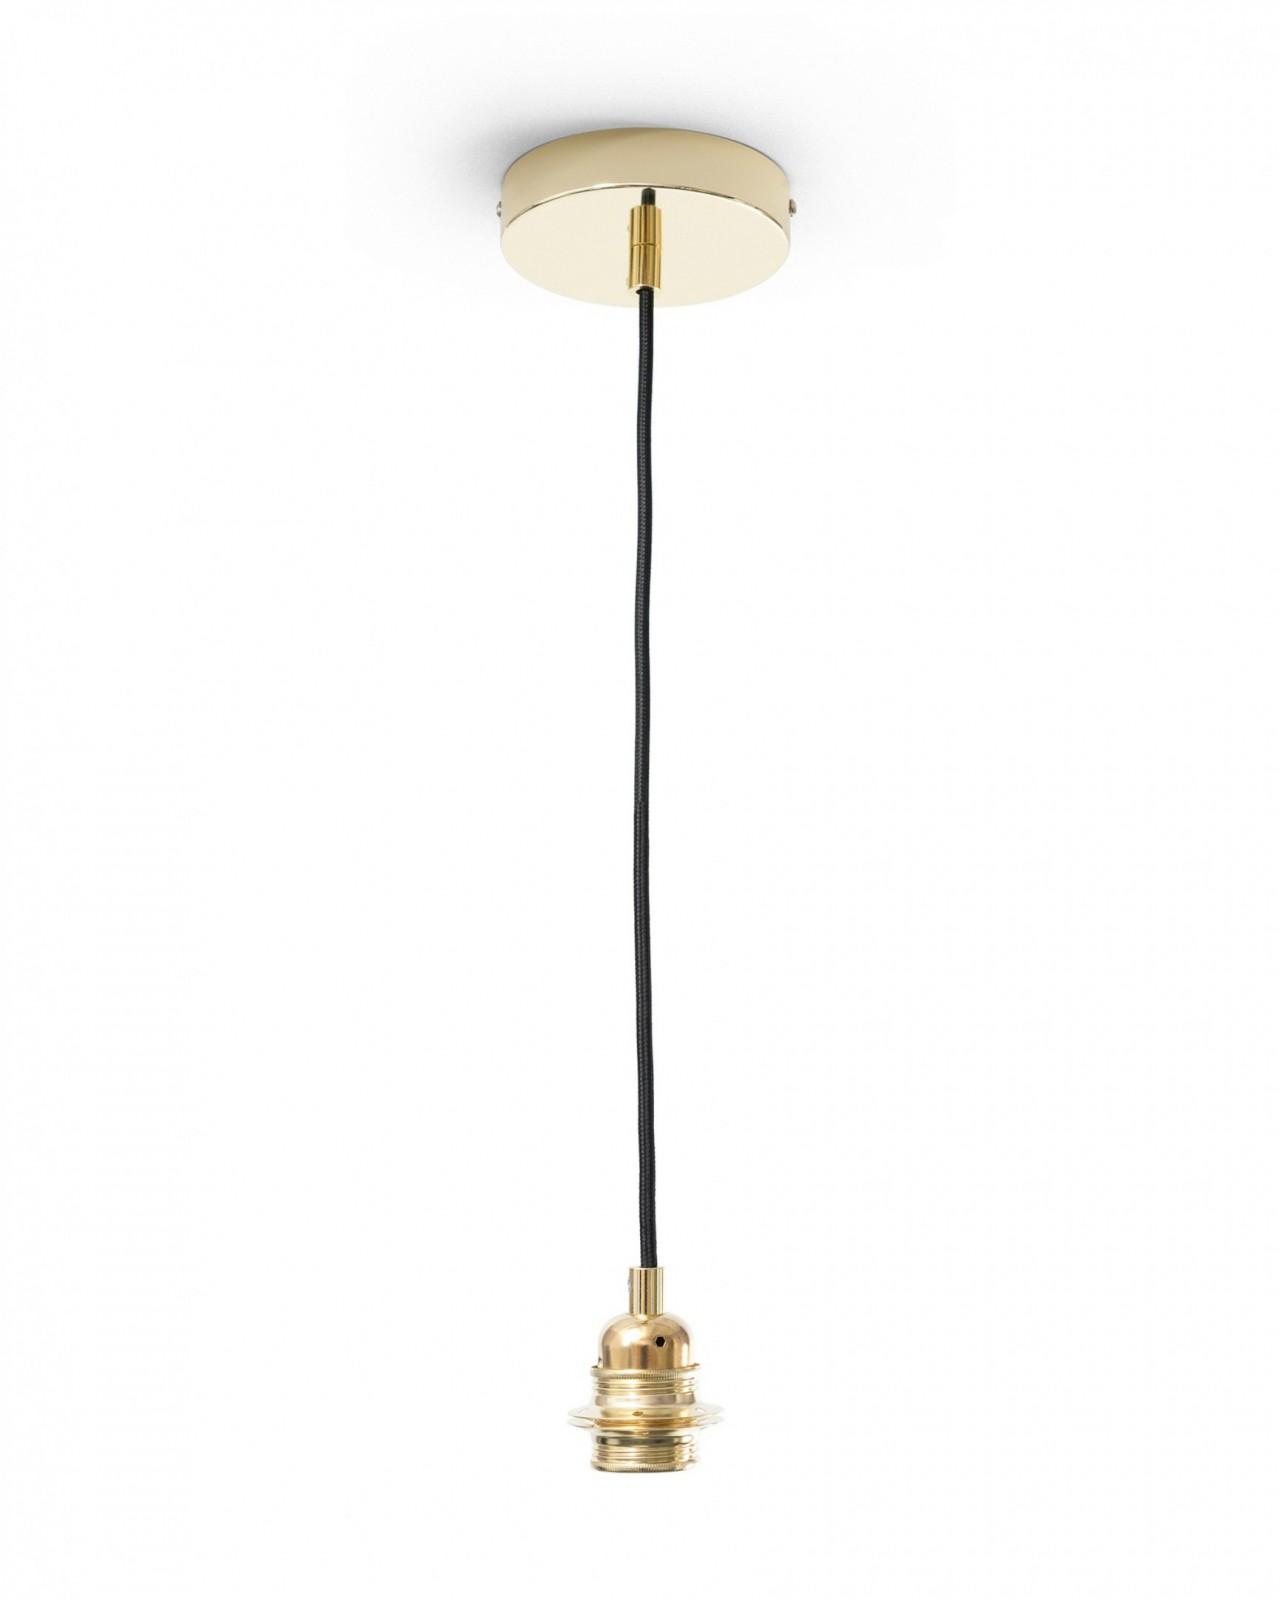 MALMKROG Pleated Pendant Lamp